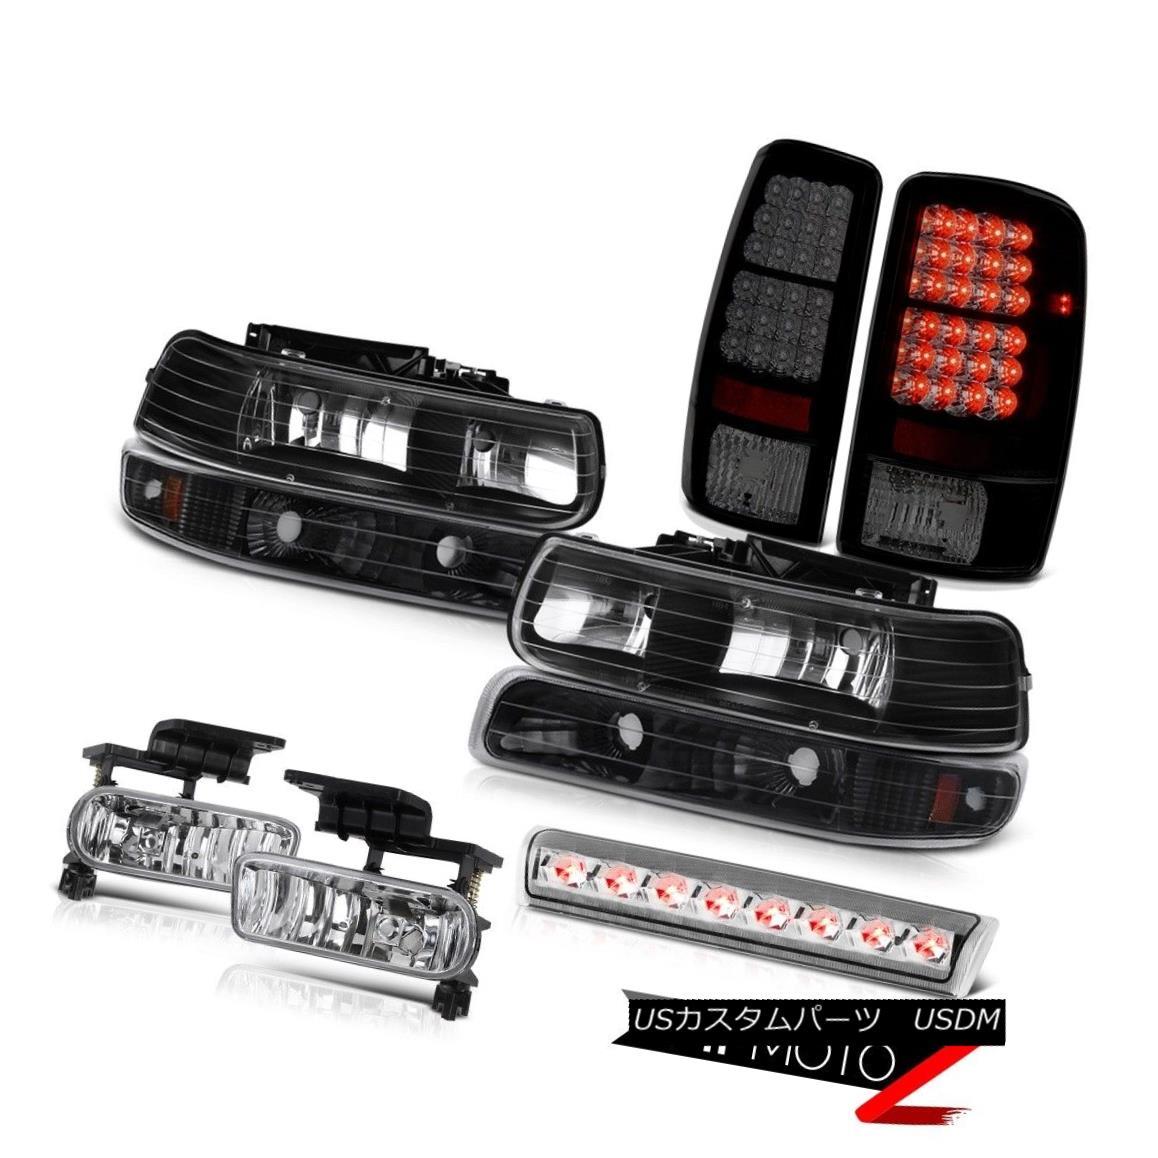 ヘッドライト 00-06 Chevy Suburban 4X4 Fog lamps parking lamp tail foglights roof cab Light 00-06シボレー郊外4X4フォグランプパーキングランプテールフォグライトルーフキャブライト